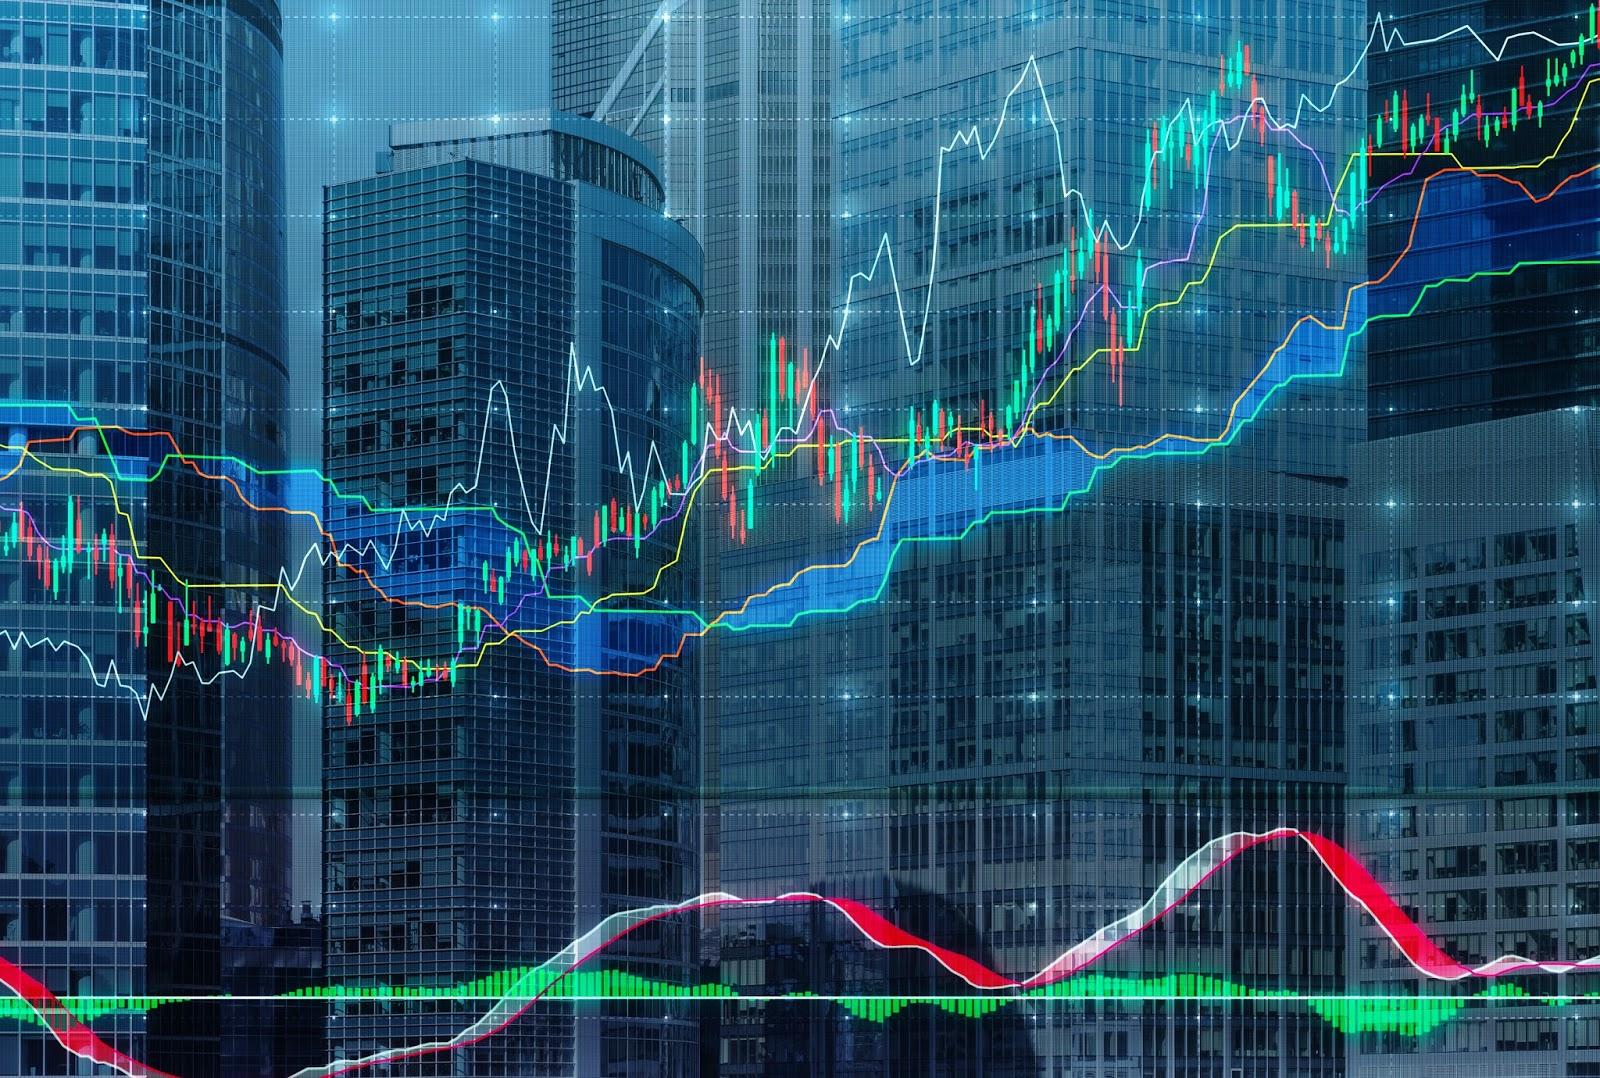 котировки стоимости ценных бумаг